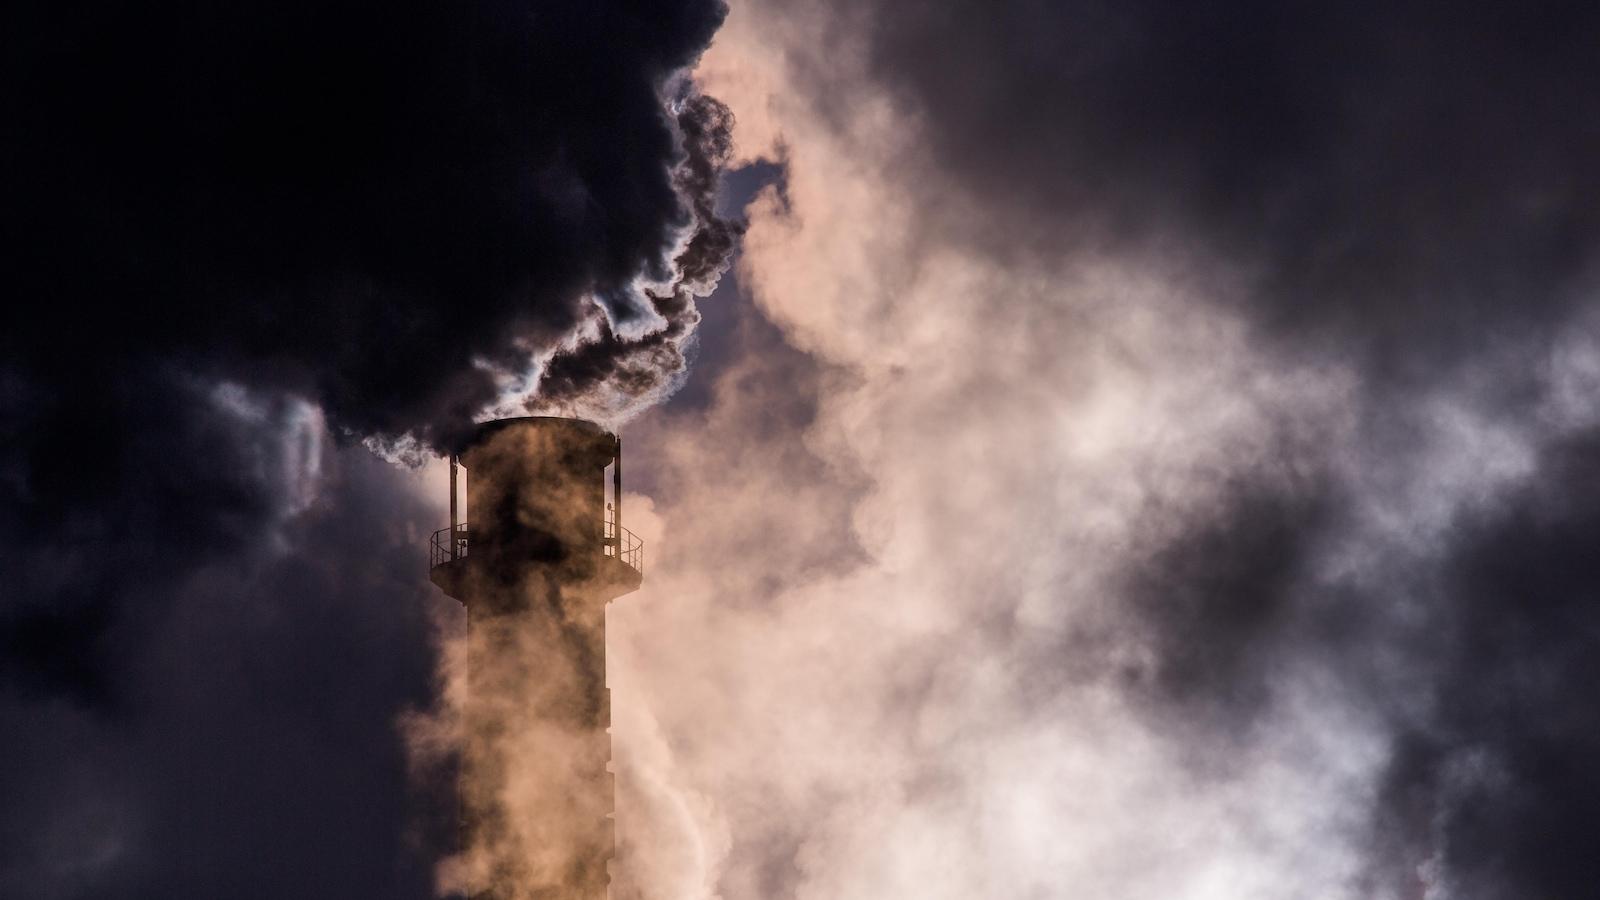 La production de gaz à effet de serre a continué d'augmenter en 2016.